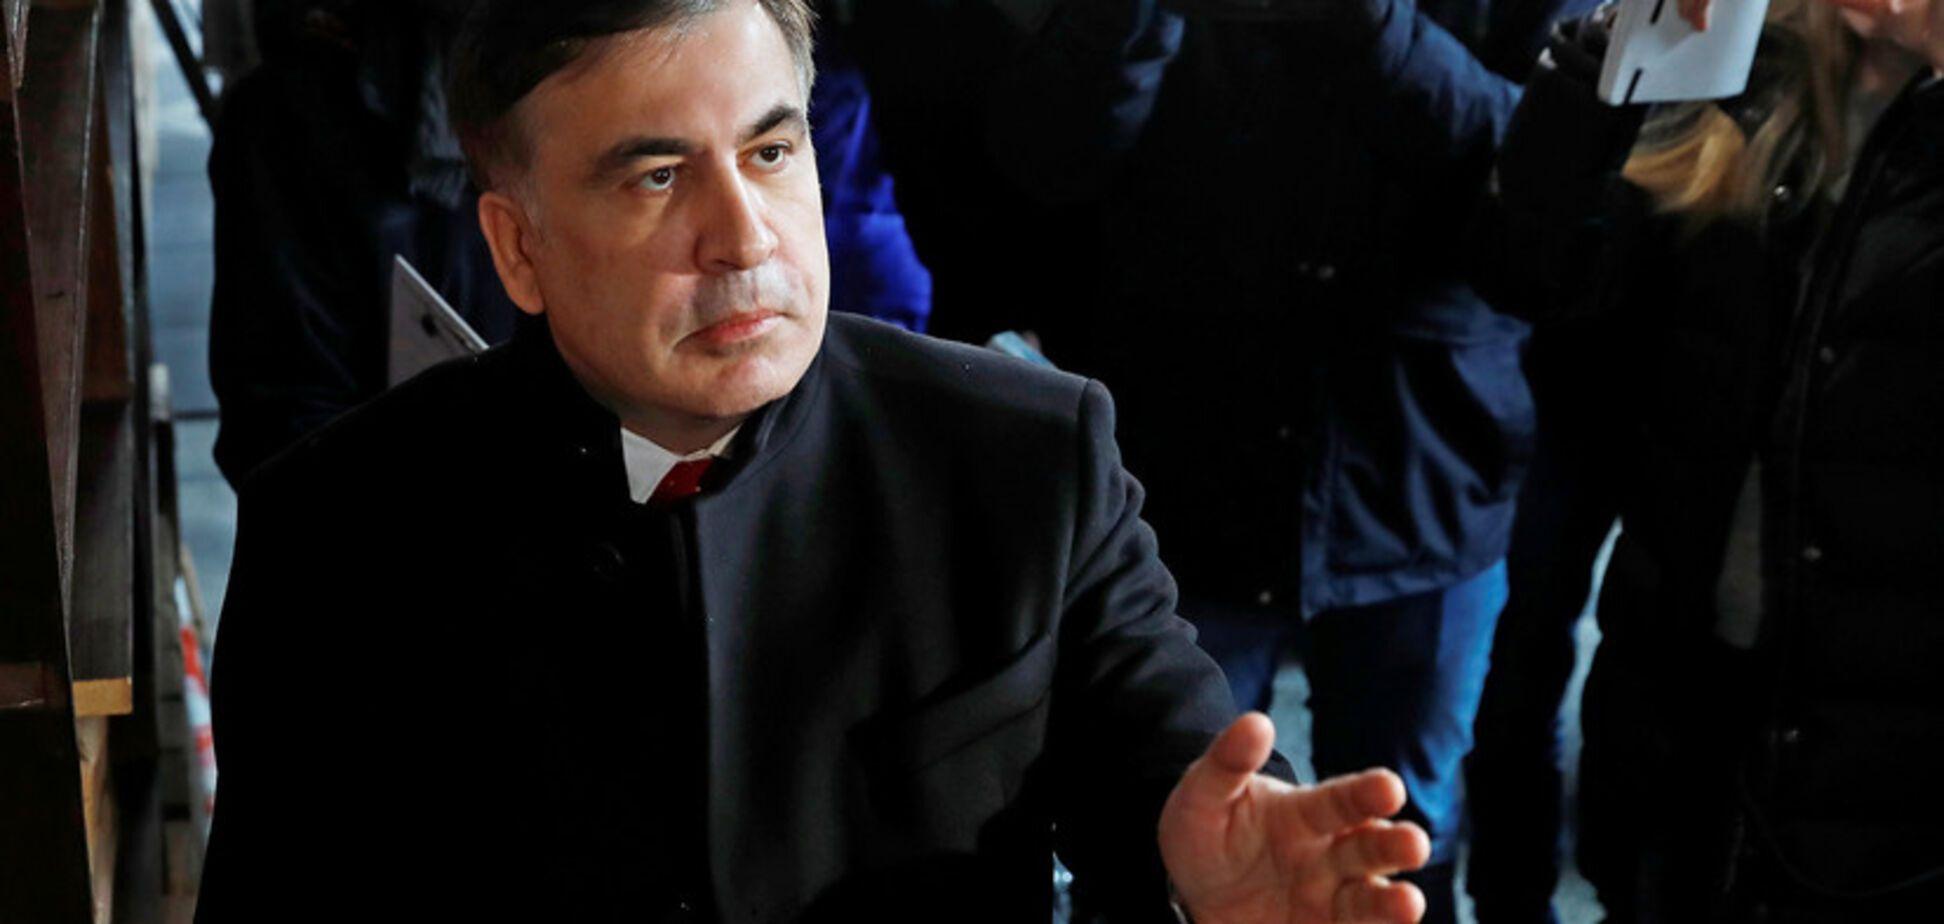 Возвращение гражданства Саакашвили: украинский суд вынес решение